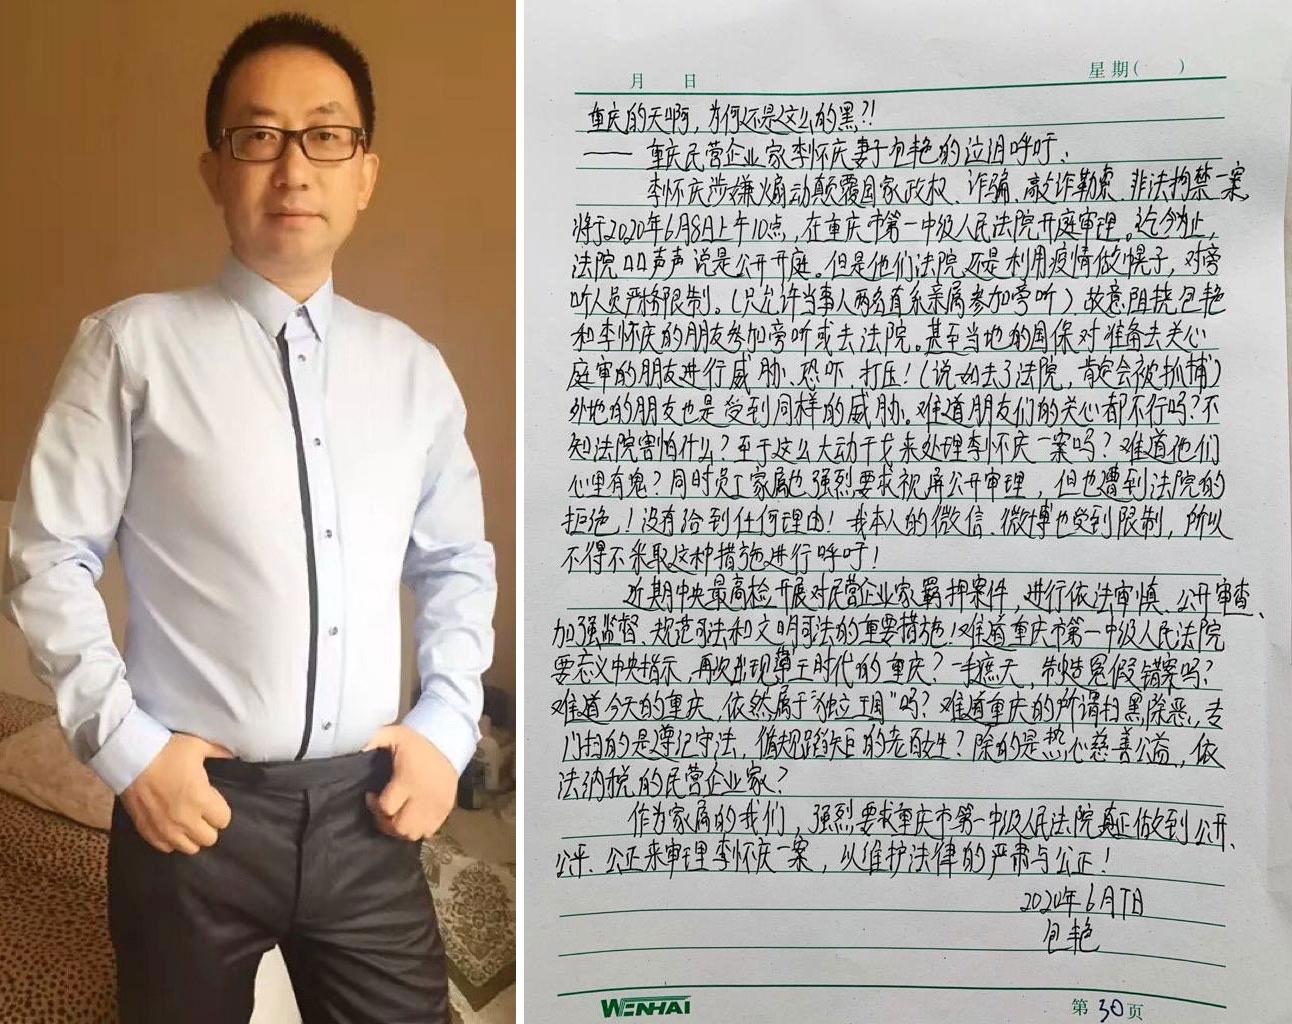 李怀庆妻子包艳呼吁国际社会关注此案。(维权网)